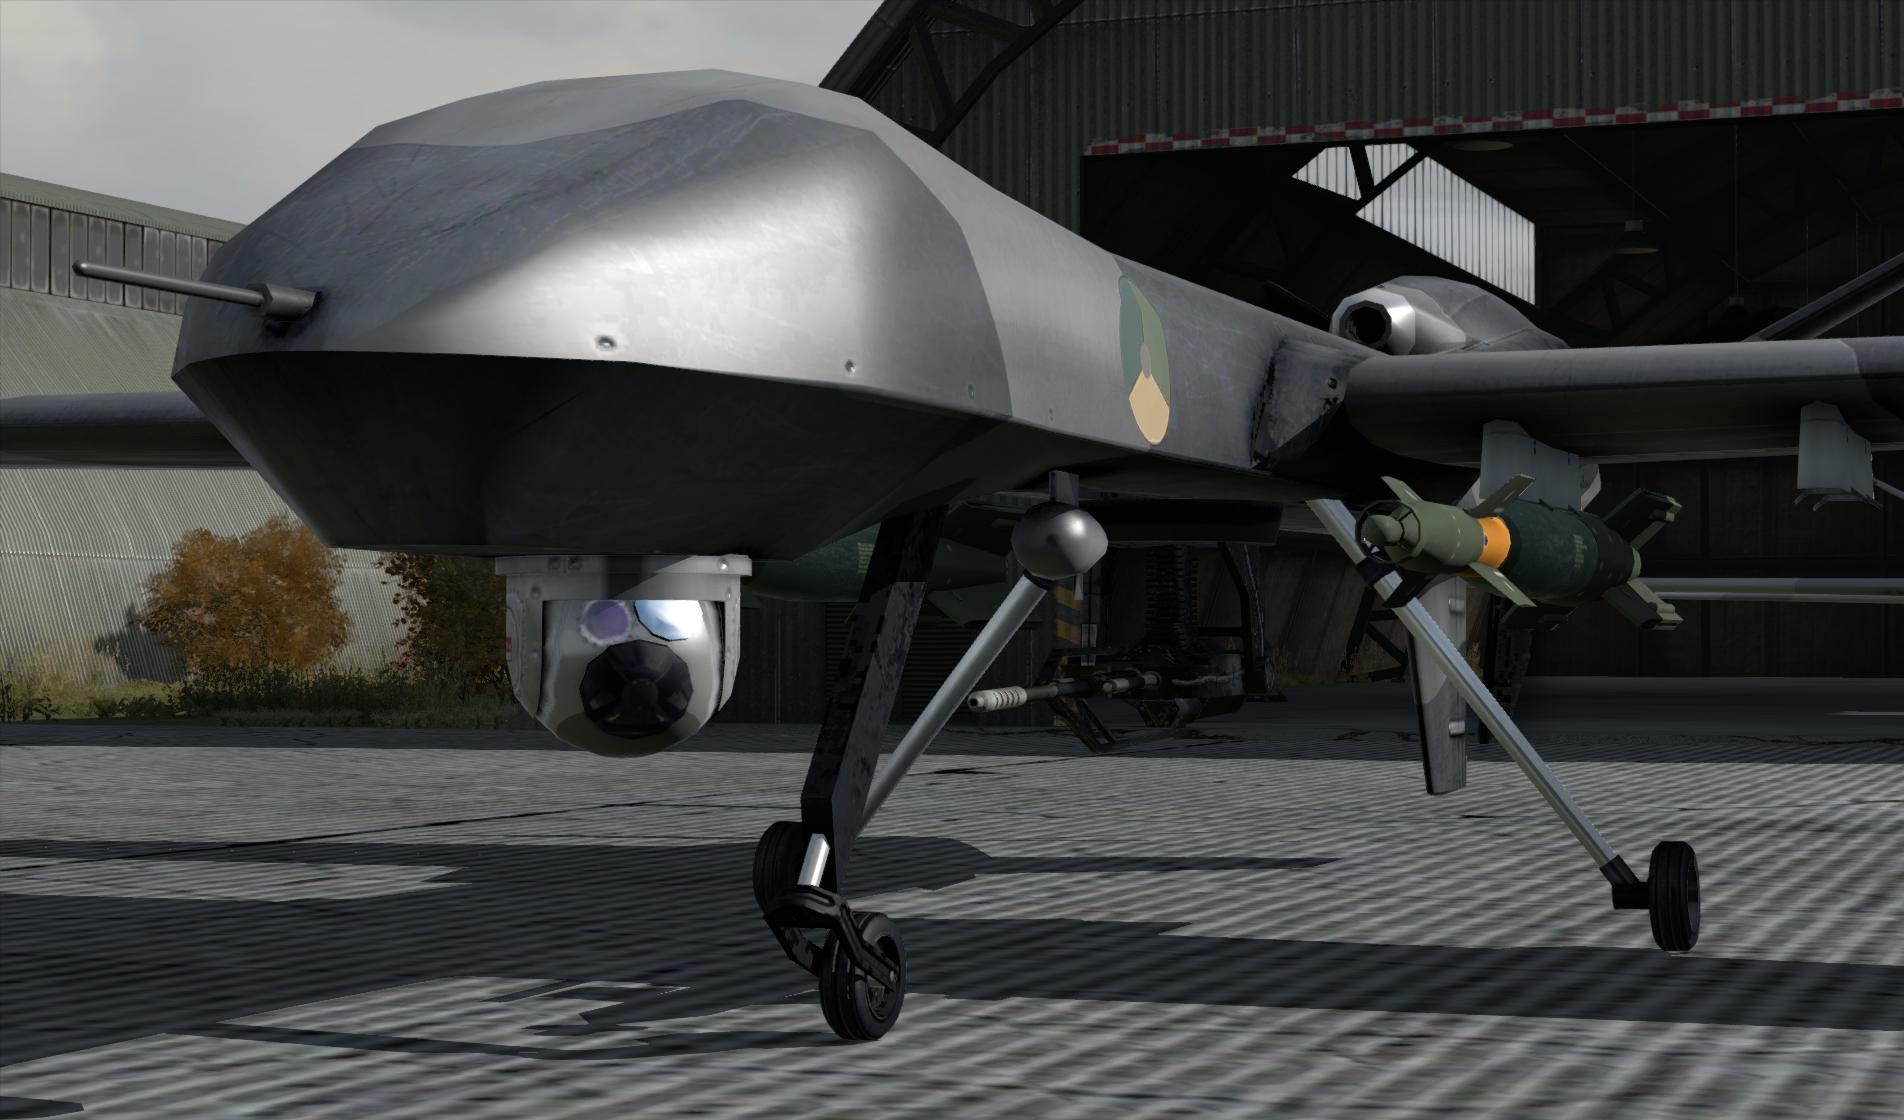 DAF v0.943 MQ9 Reaper UAV